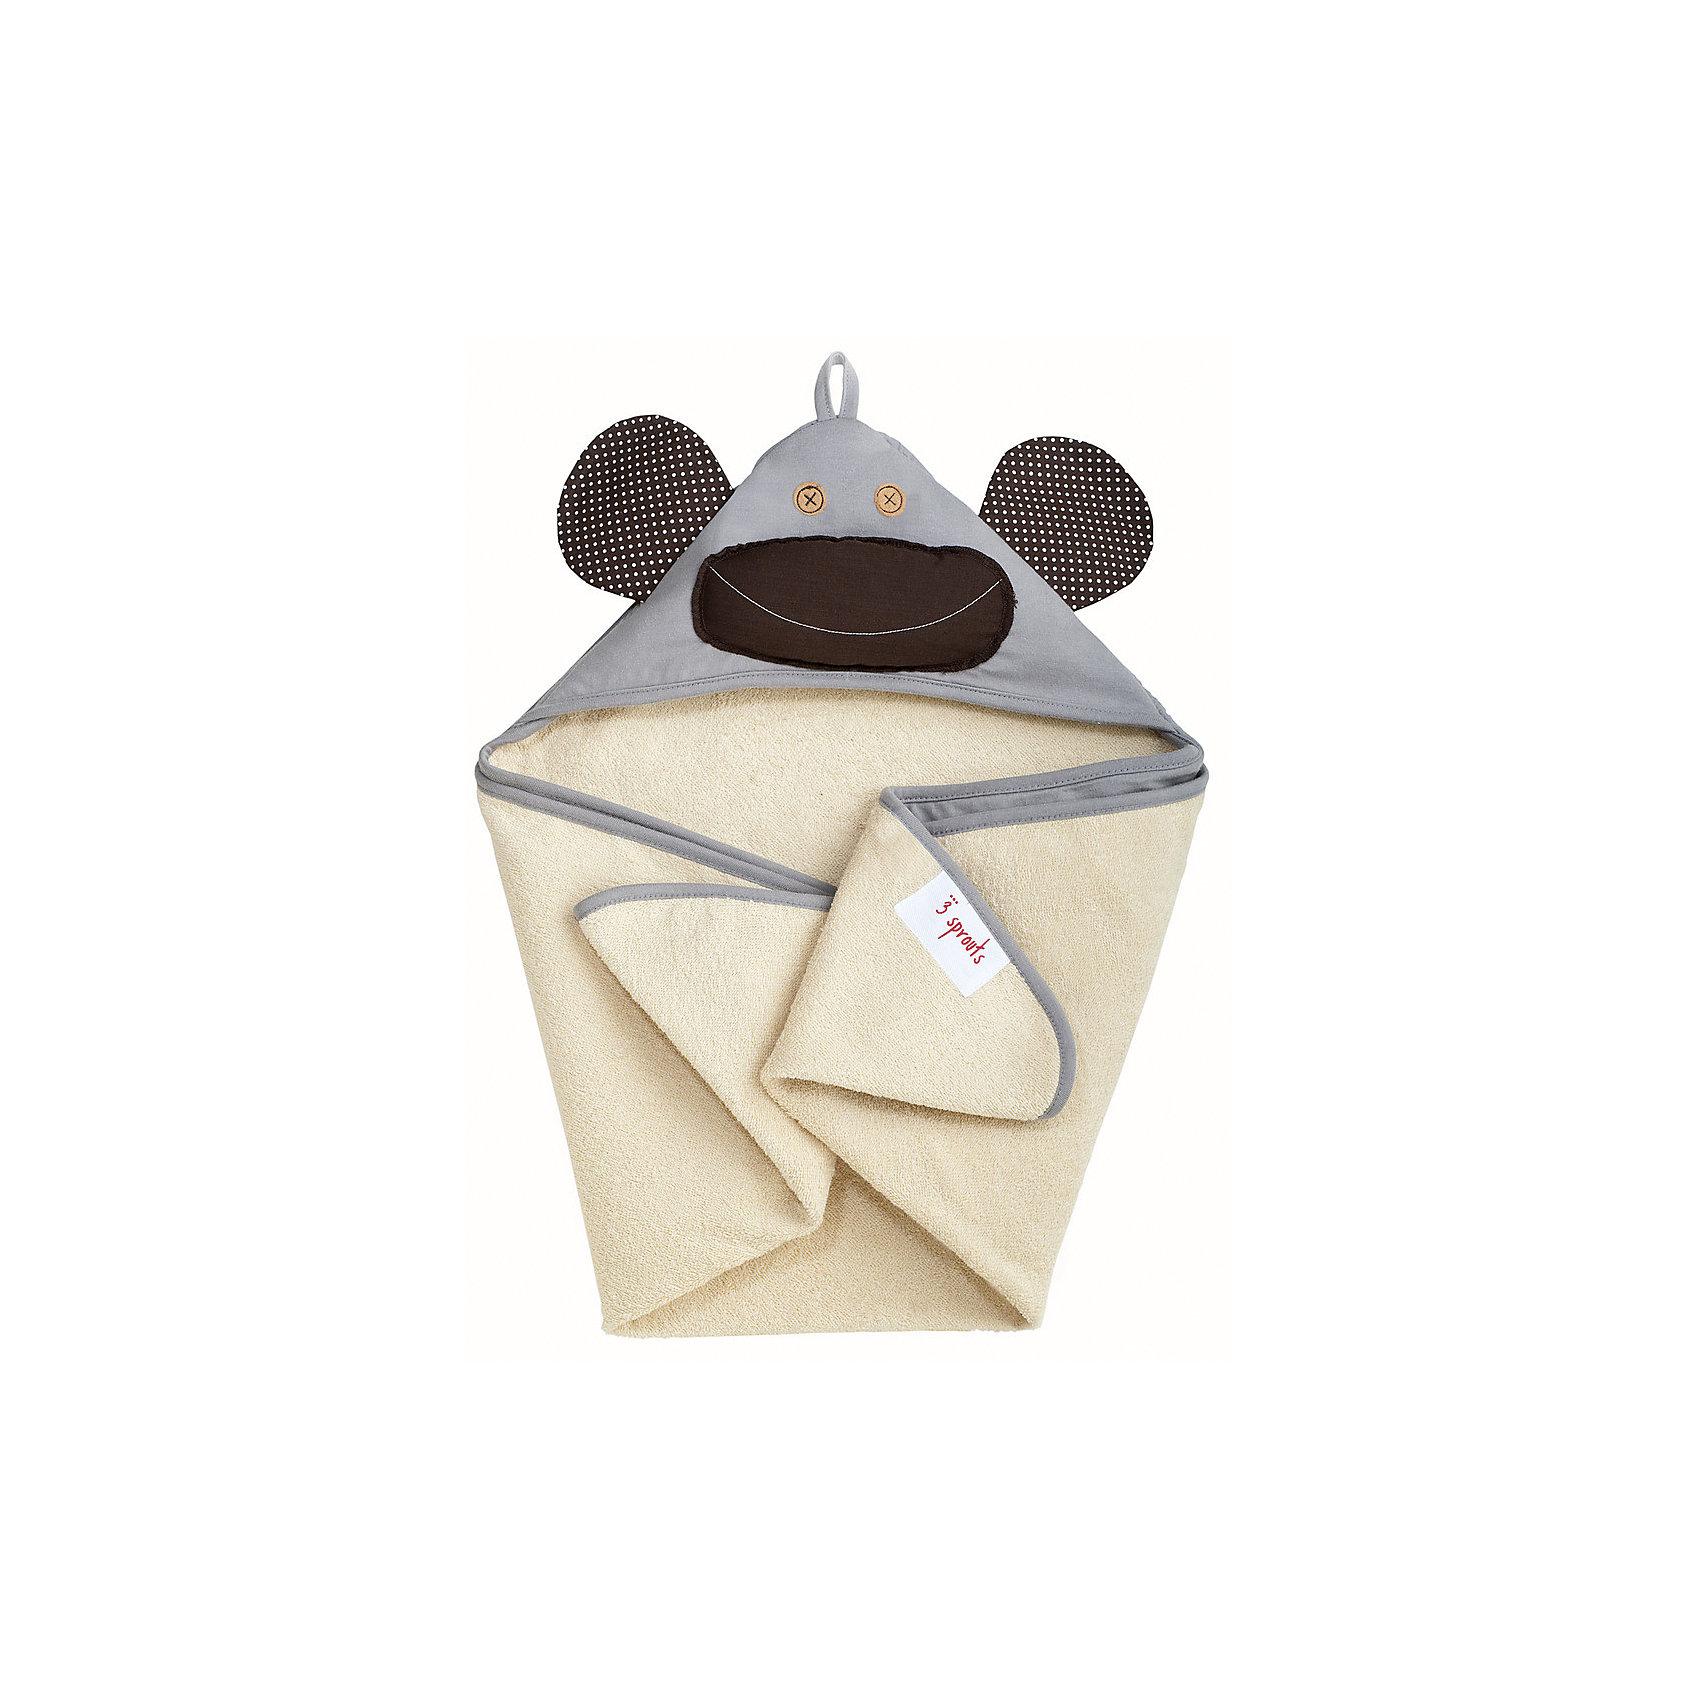 Полотенце с капюшоном Серая обезьянка (Grey Monkey), 3 SproutsПолотенца, мочалки, халаты<br>Милое полотенце для маленькой крохи. Махровое изнутри, а внешний слой изготовлен из 100% хлопка. <br><br>Дополнительная информация:<br><br>- Размер полотенца: 76х76 см.<br>- Материал: 100% хлопок снаружи, махровая ткань изнутри.<br>- Уход: деликатная стирка в холодной воде.<br><br>Купить полотенце с капюшоном Серая обезьянка  (Grey Monkey), можно в нашем магазине.<br><br>Ширина мм: 260<br>Глубина мм: 20<br>Высота мм: 330<br>Вес г: 402<br>Возраст от месяцев: 0<br>Возраст до месяцев: 18<br>Пол: Унисекс<br>Возраст: Детский<br>SKU: 5098200